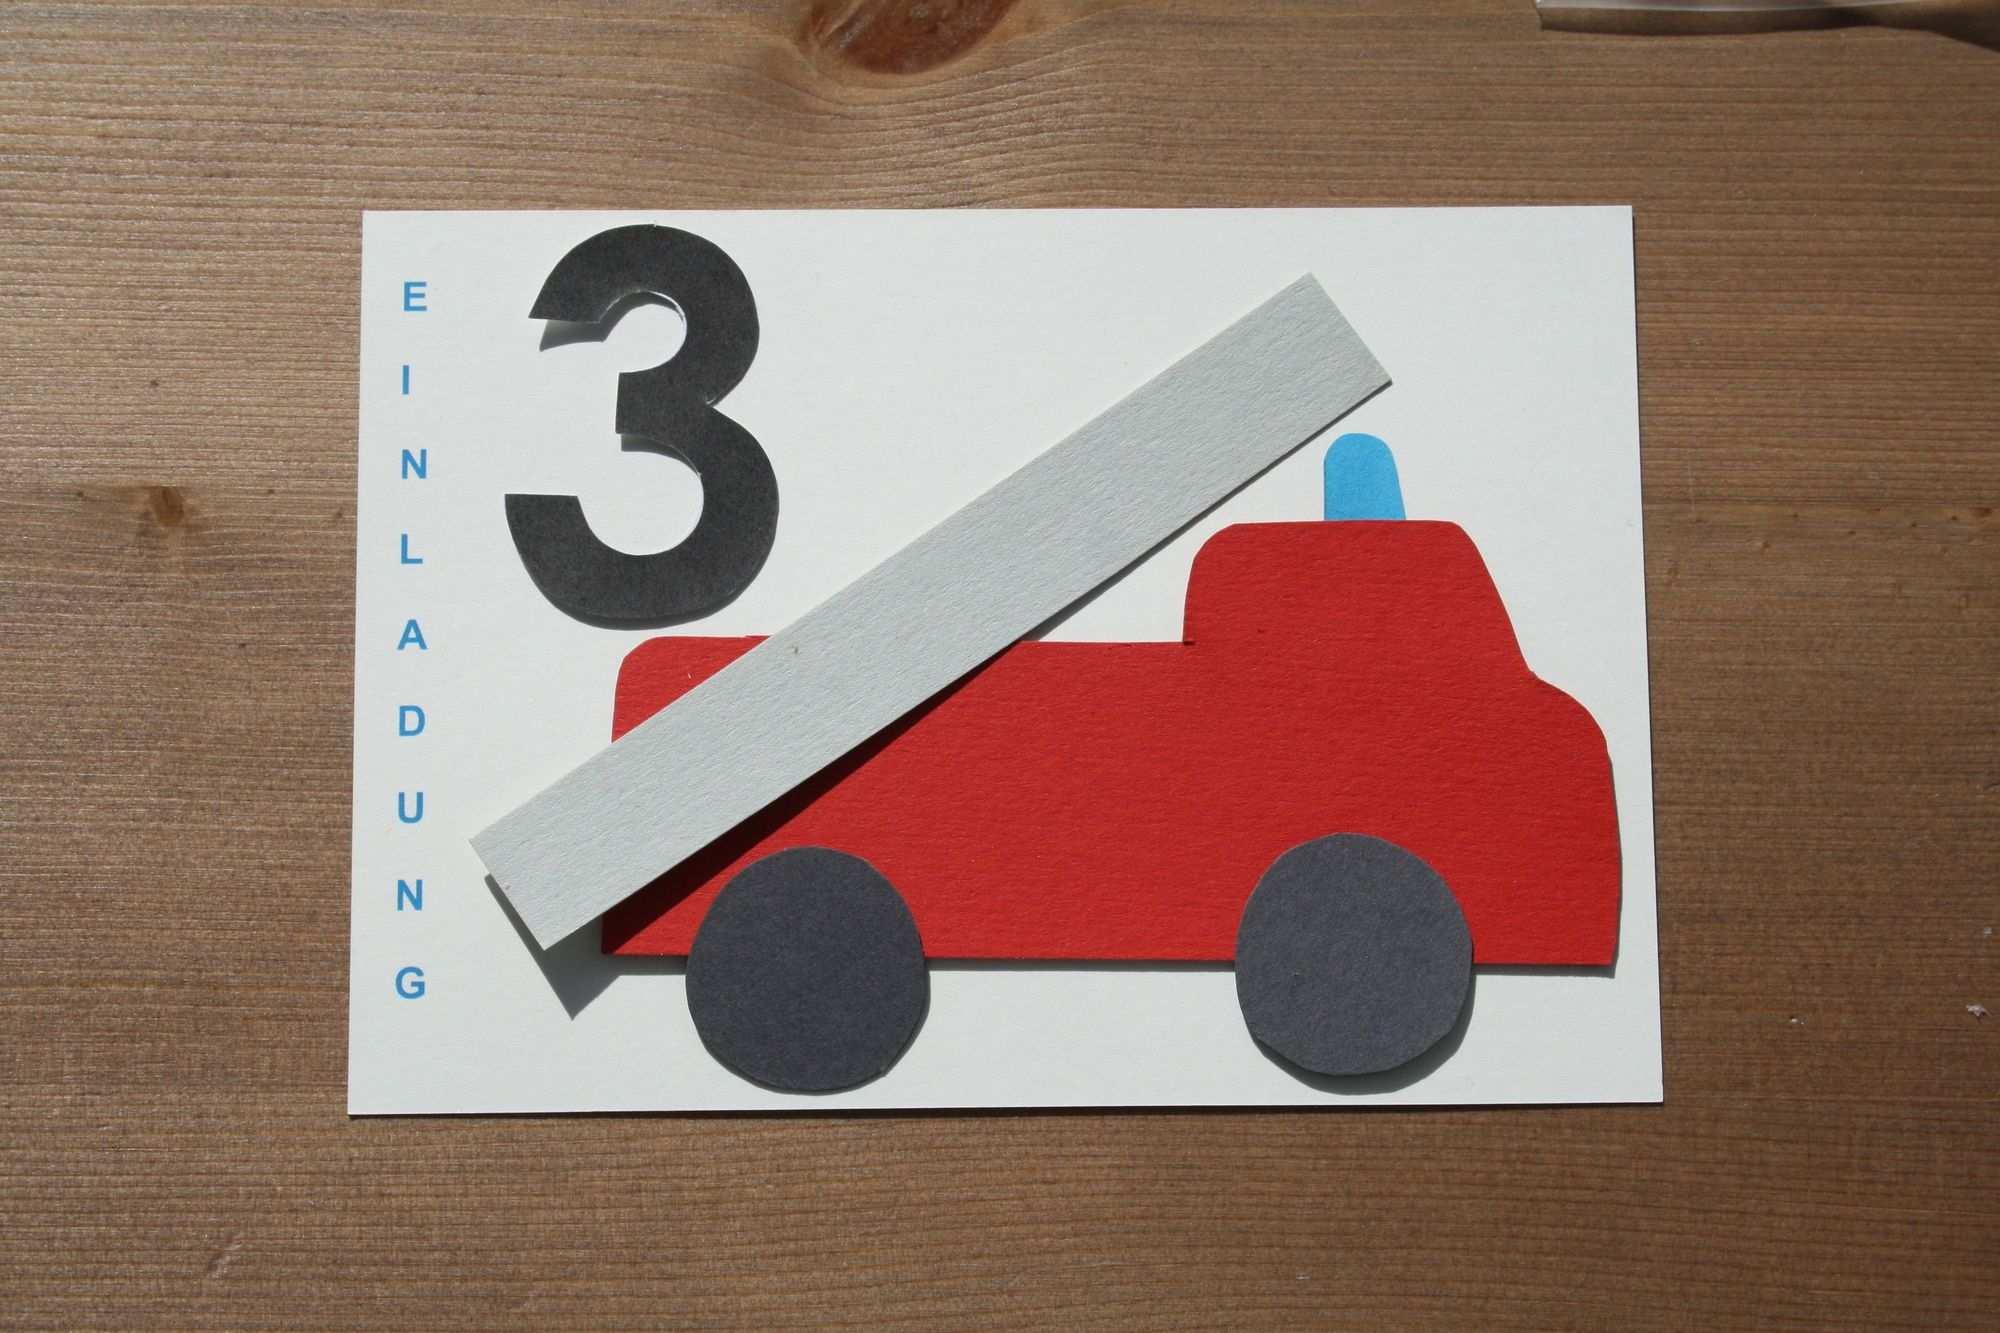 Http S31 Dawandastatic Com Product2 59875 5 Einladung Kindergeburtstag Basteln Feuerwehr Einladung Kindergeburtstag Basteln Einladungskarten Kindergeburtstag